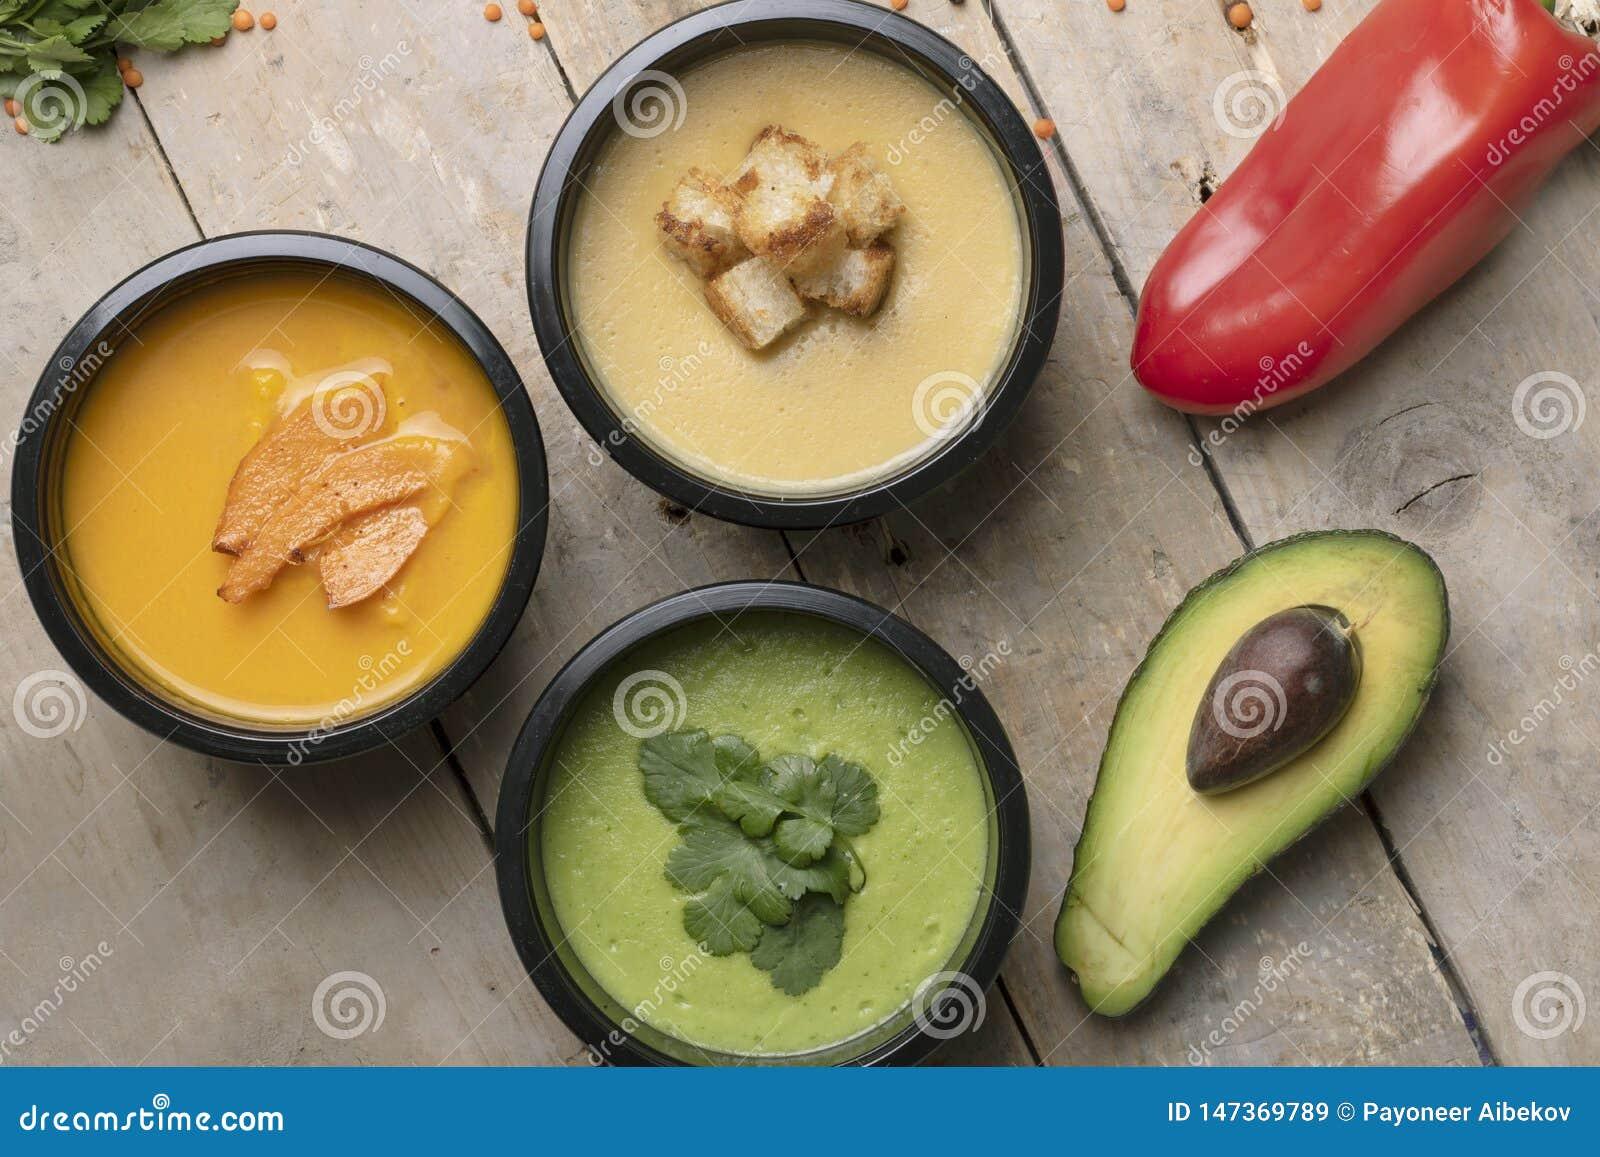 Peperone, mezzo avacado e cucchiaio vicino alle minestre del vegano in contenitori di alimento, pasto pronto da mangiare